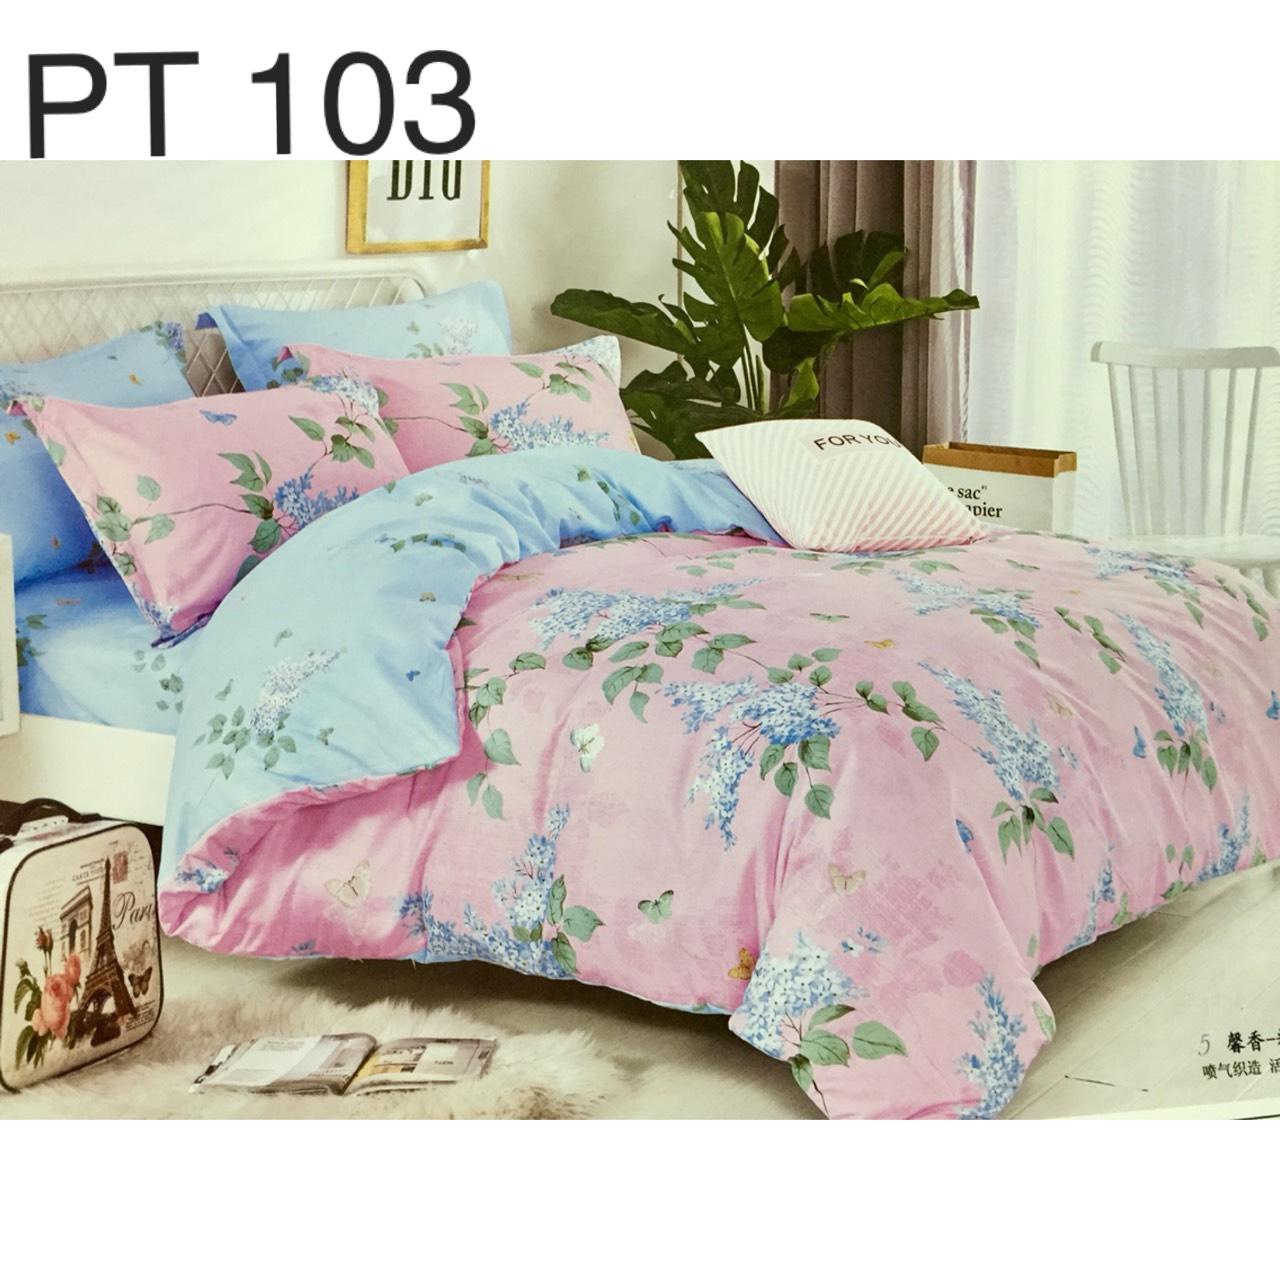 Bộ Chăn Ga Phủ Cotton Hàn Quốc - PT103